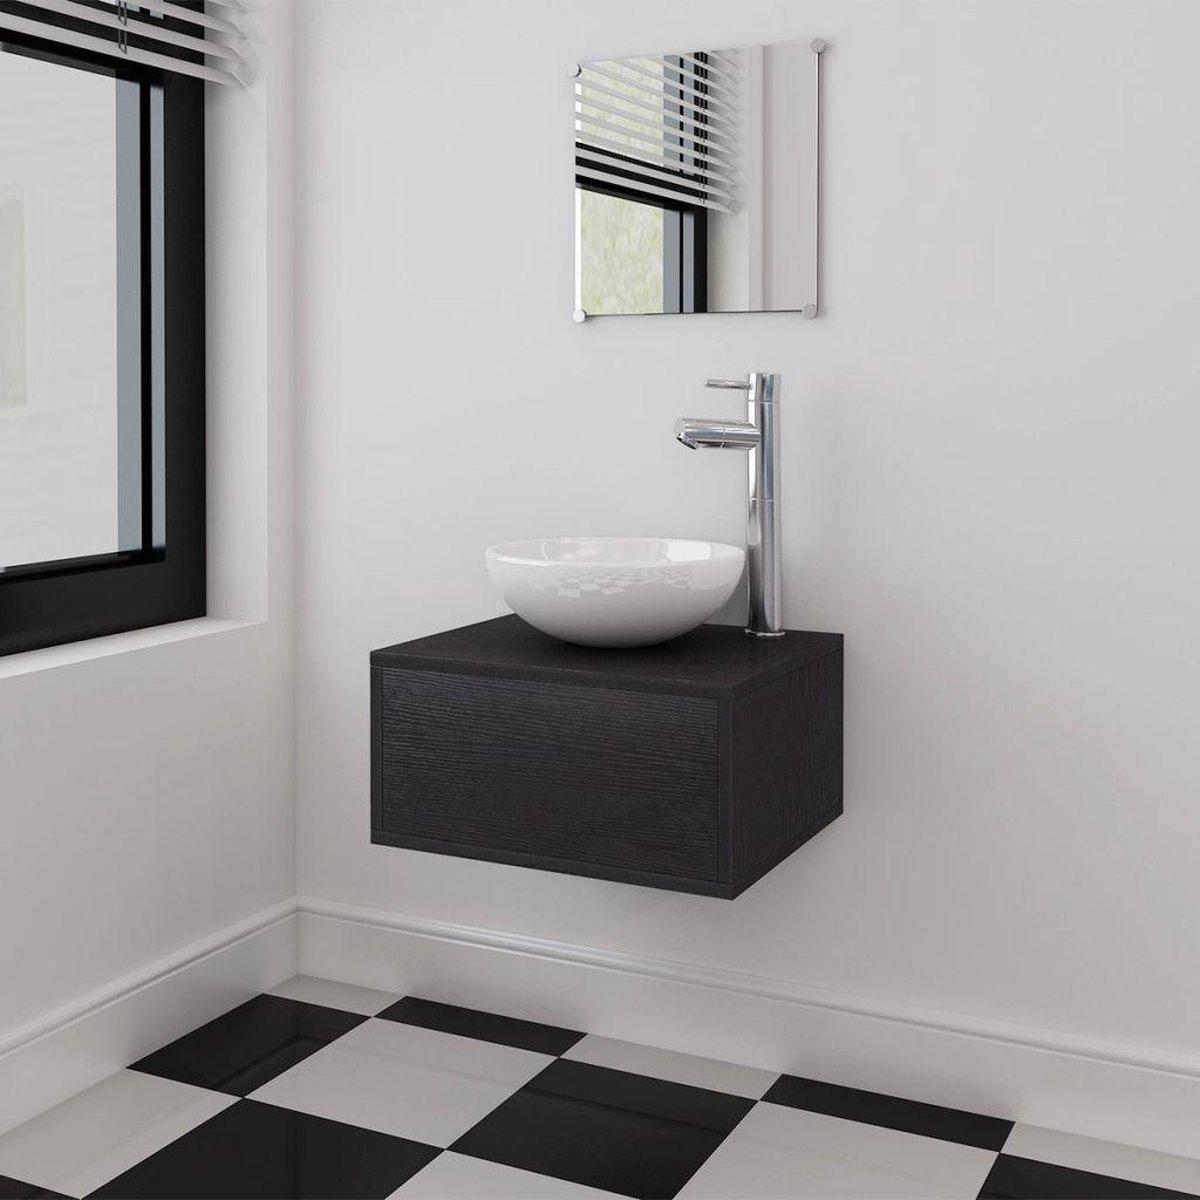 Badkamermeubelset met wasbak zwart 3-delig